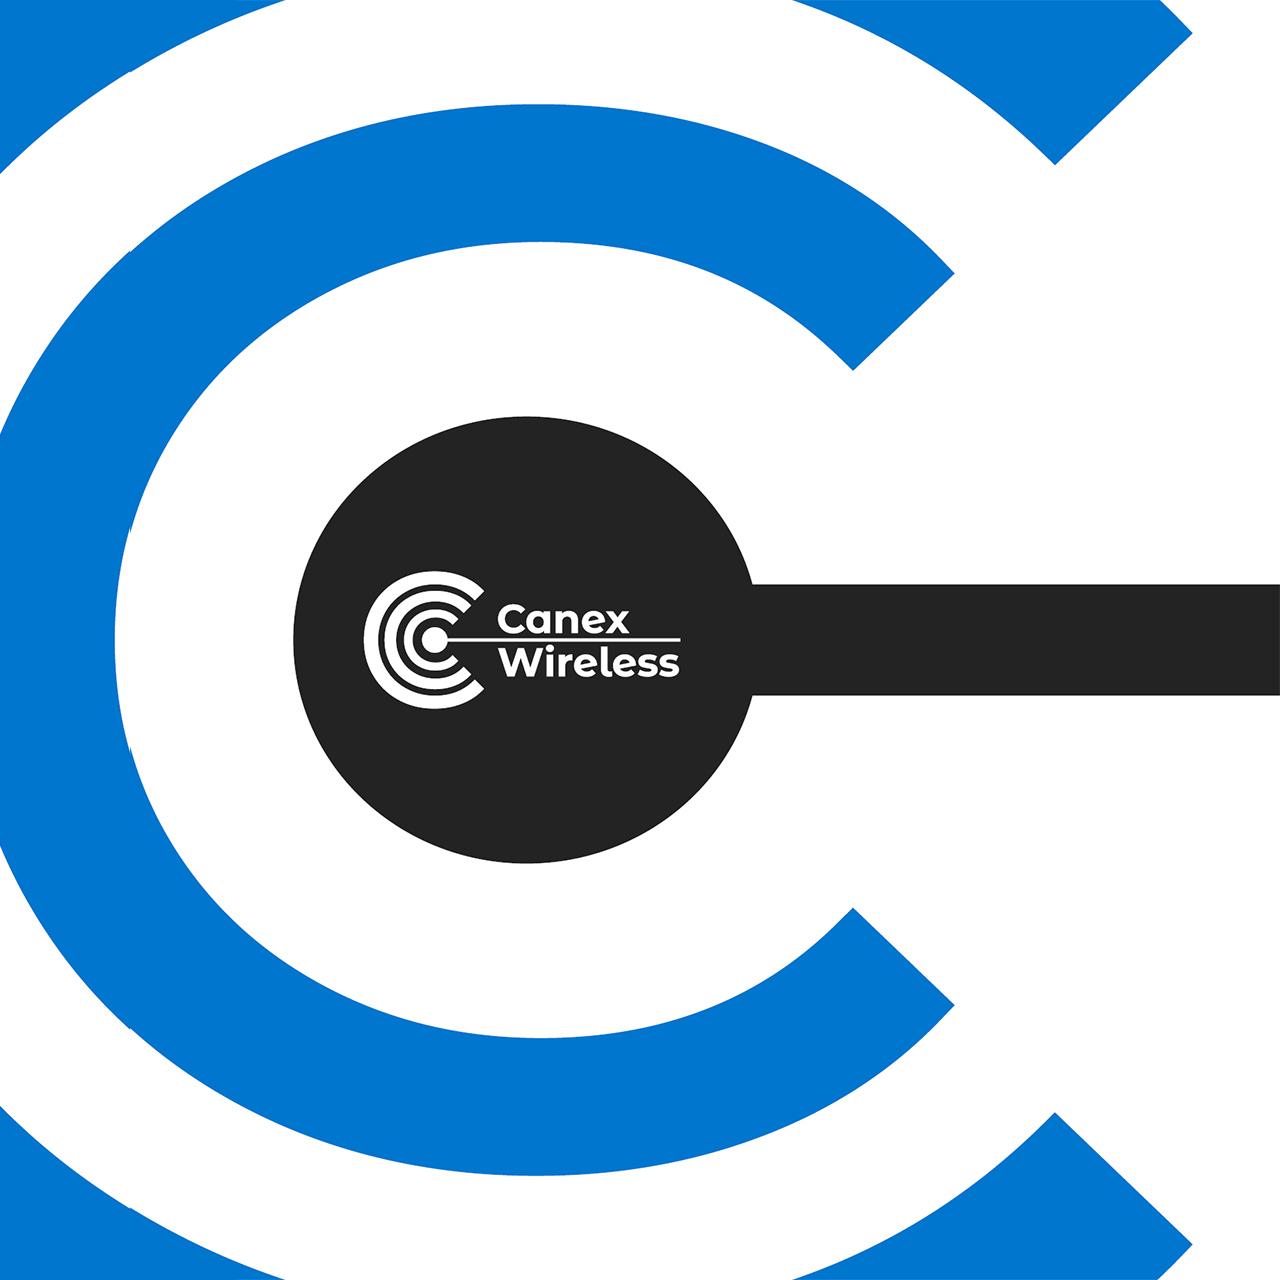 Canex Wireless